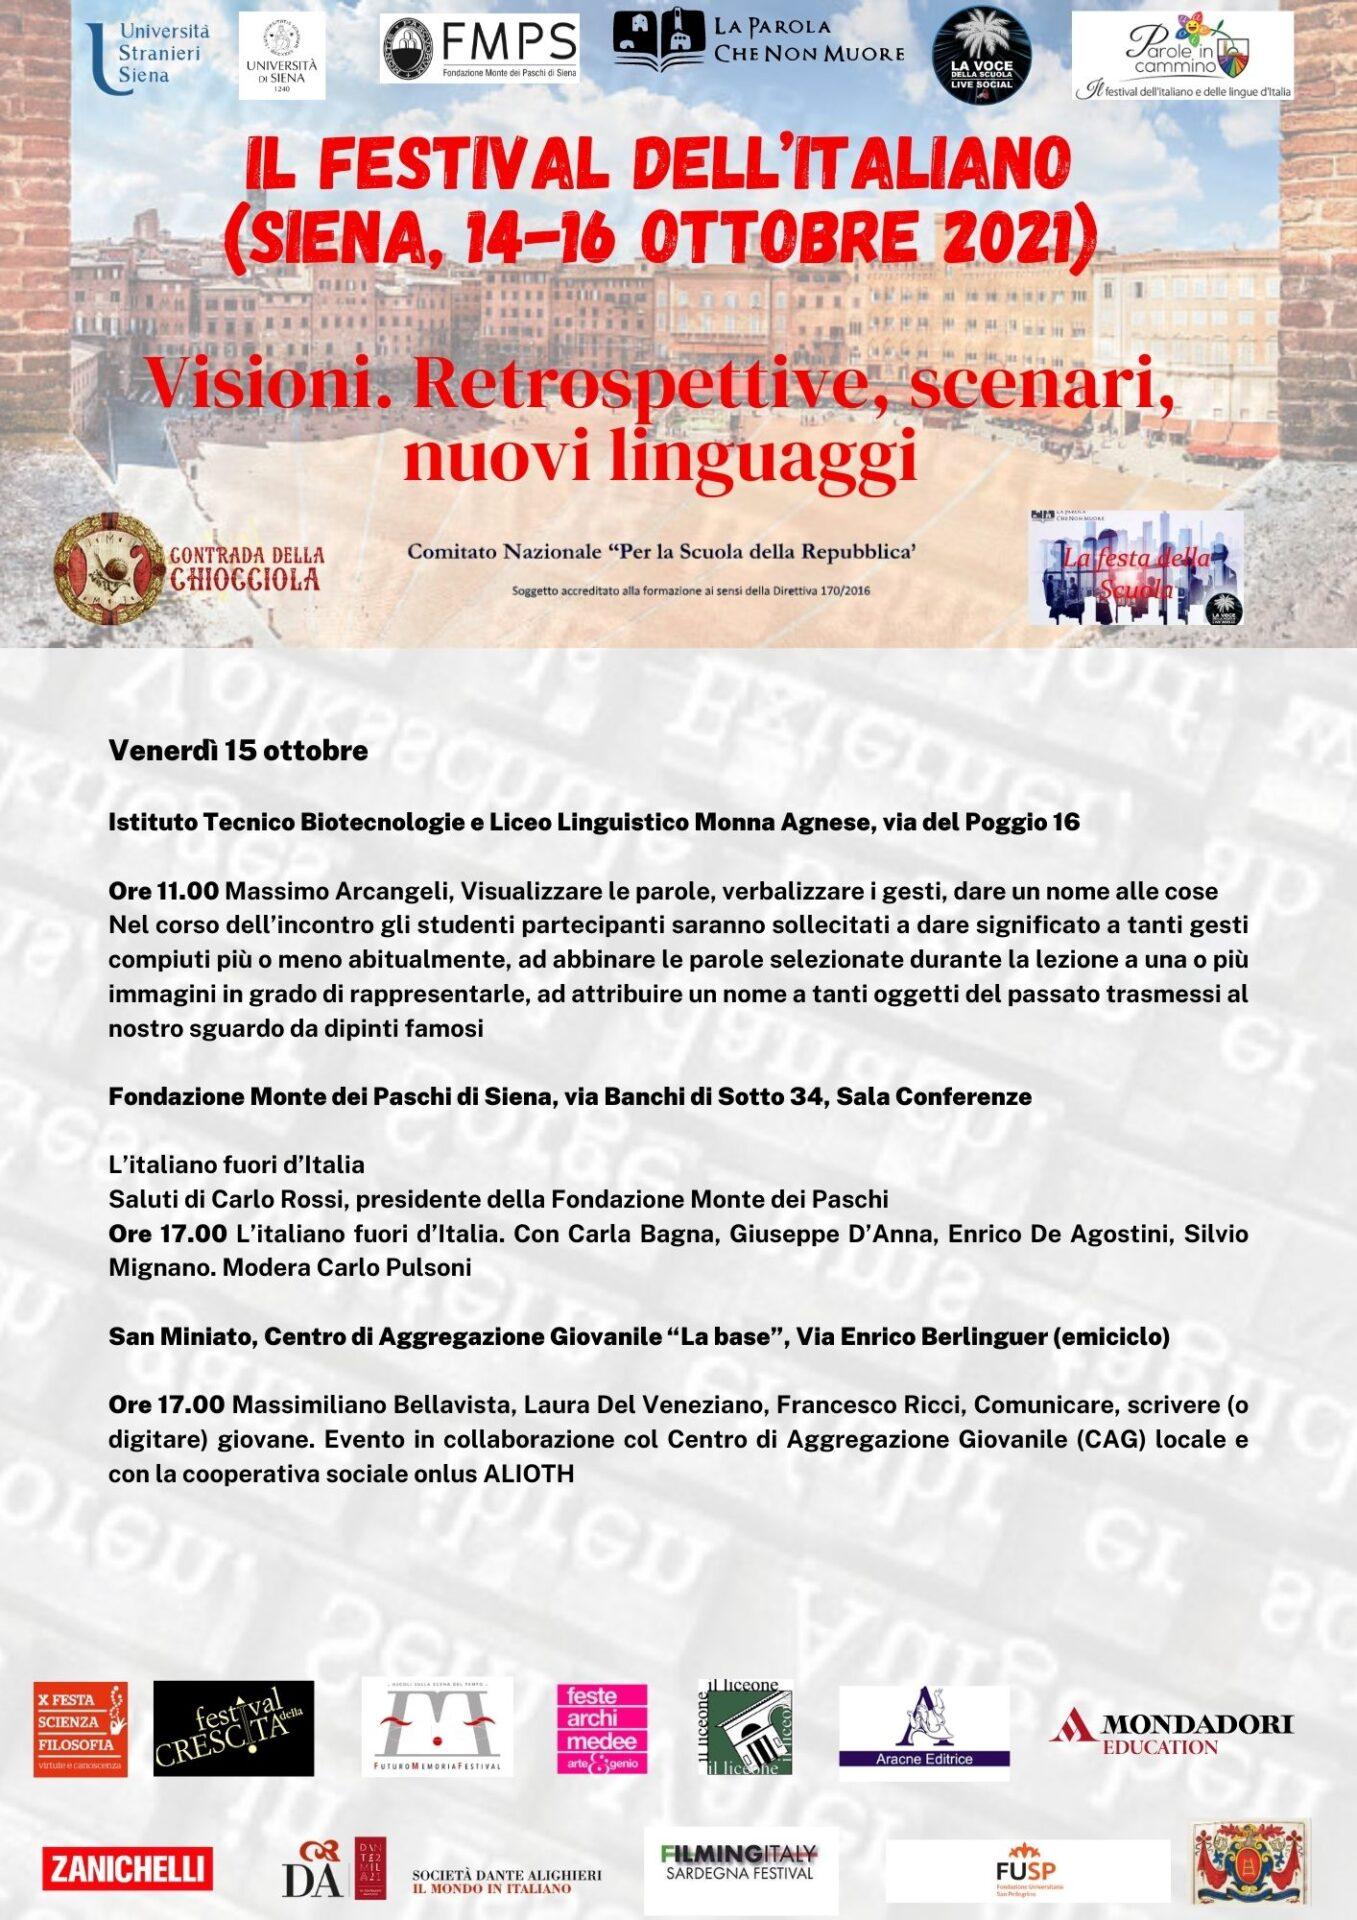 Il festival dell'italiano (Siena, 14-16 ottobre 2021) 2